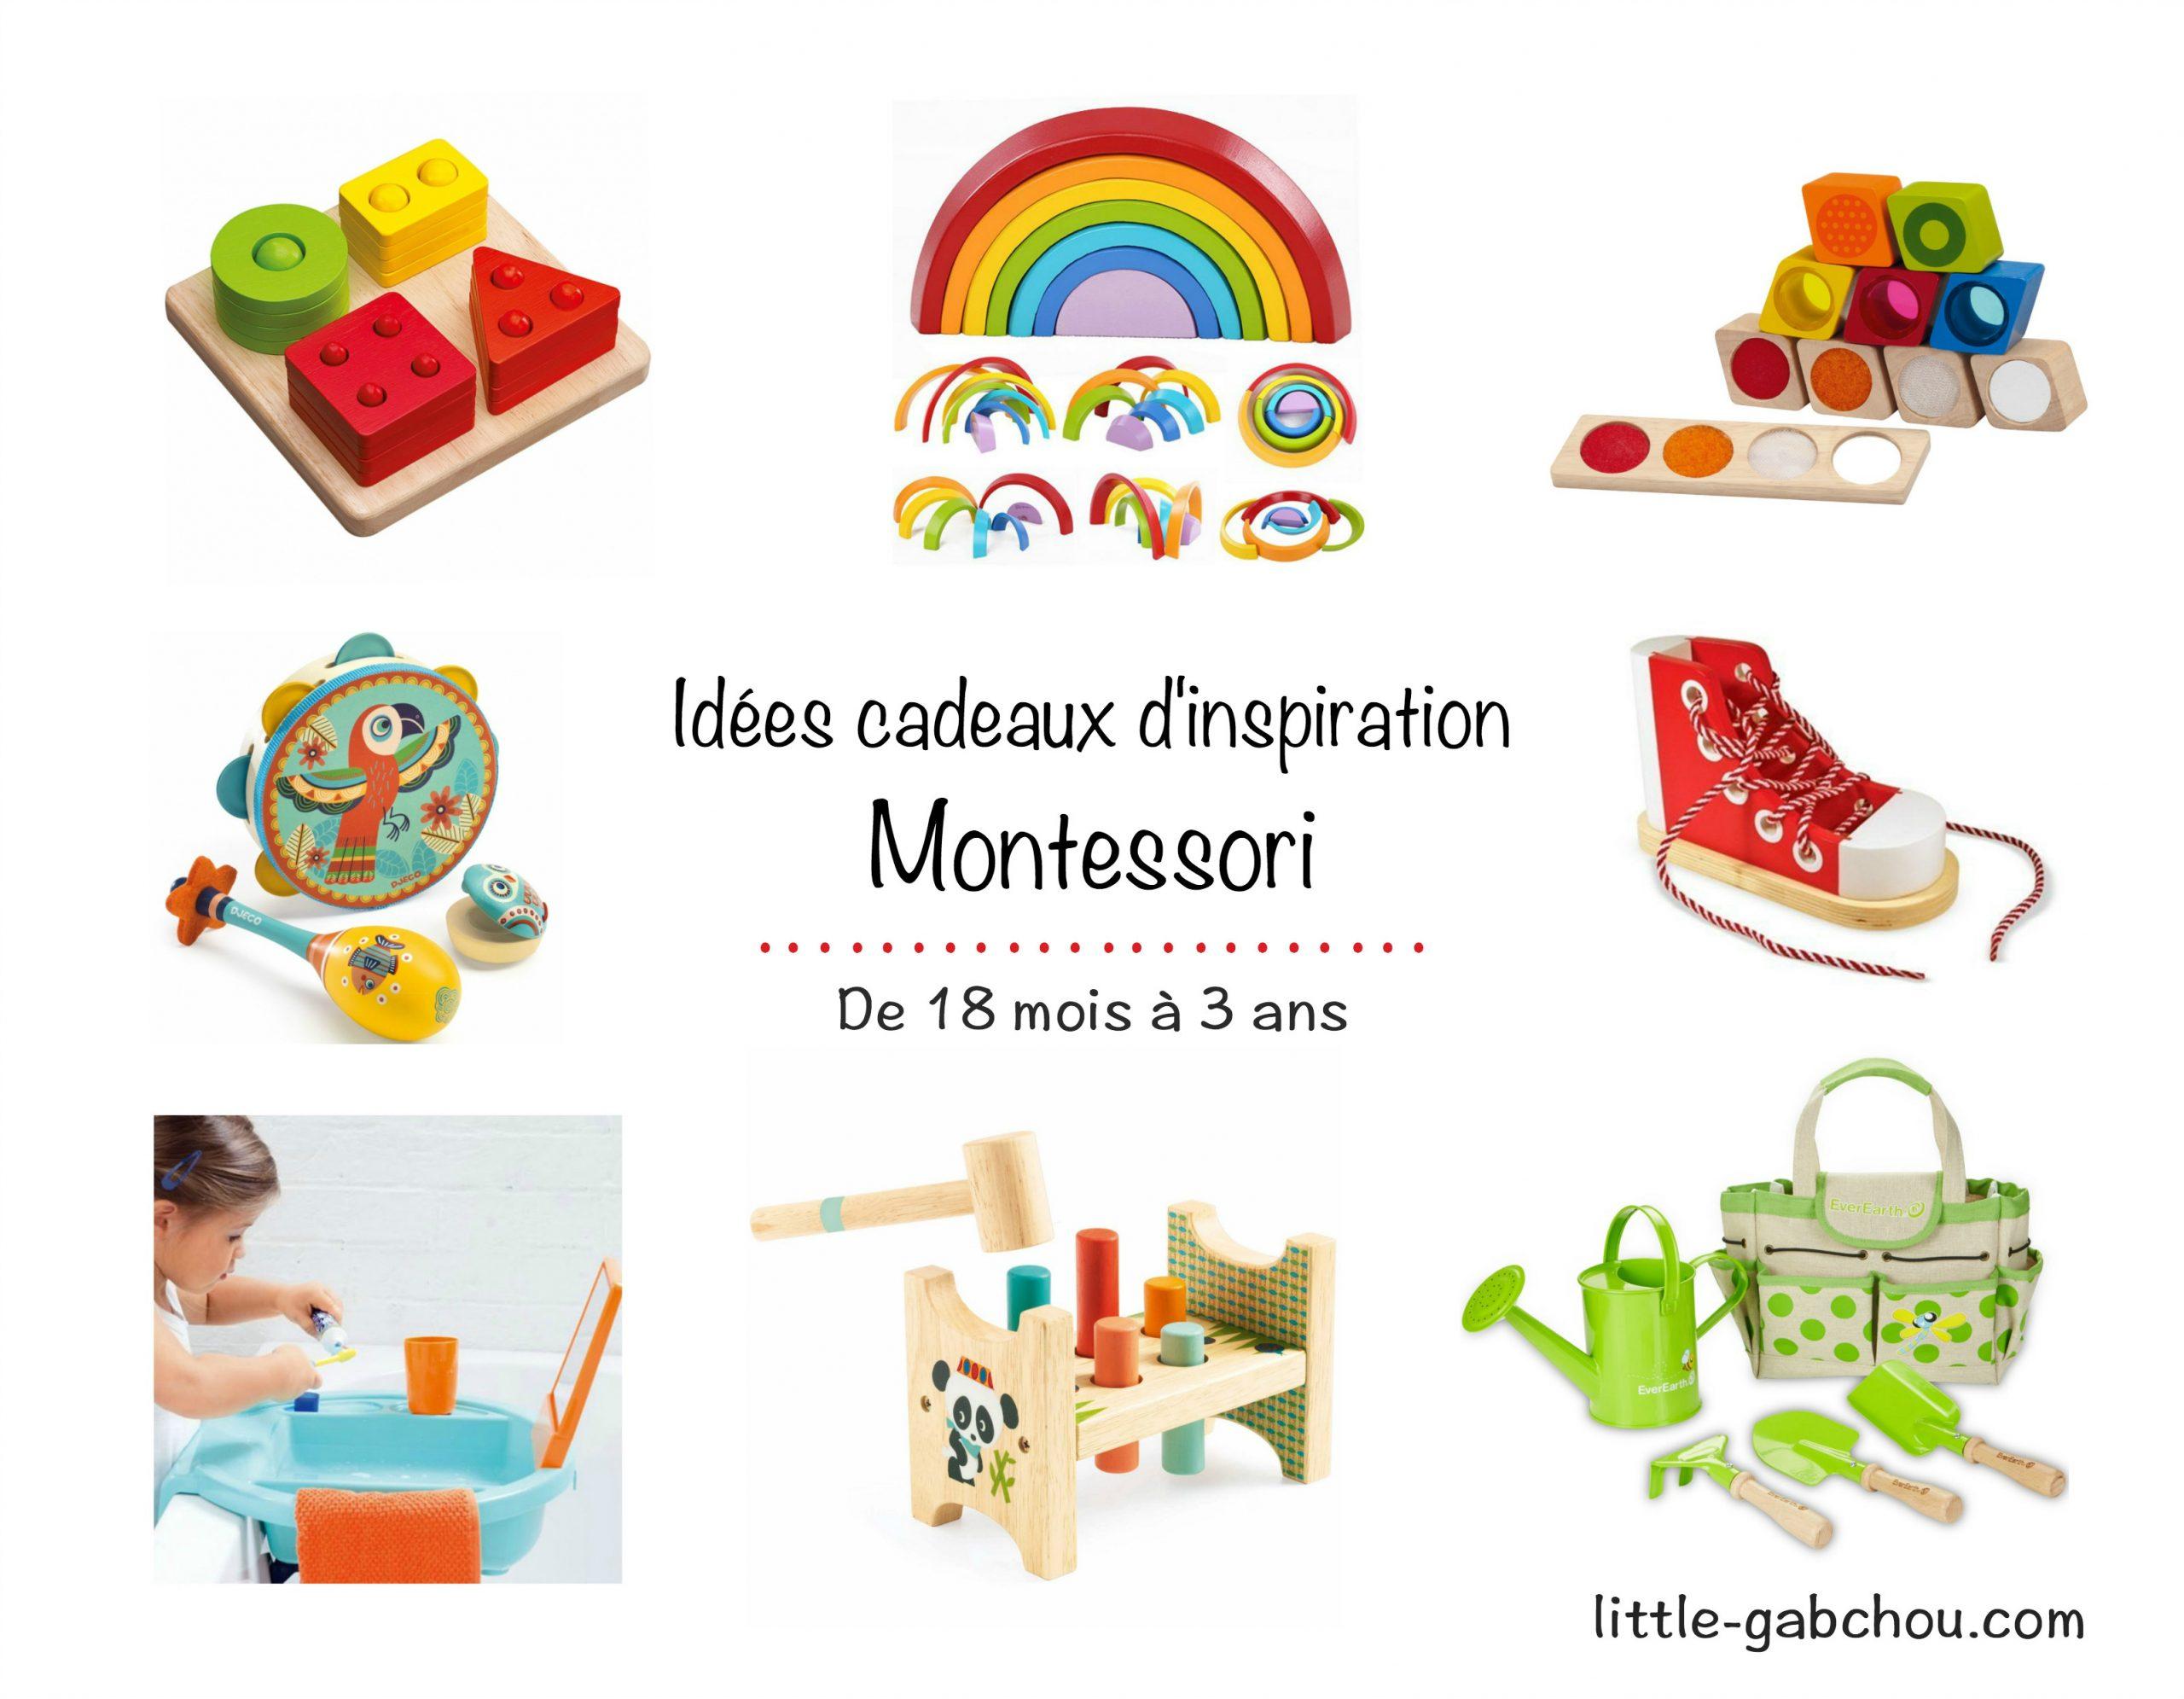 Idées Cadeaux Montessori Pour Enfants De 18 Mois À 3 Ans encequiconcerne Jouet Pour Fille De 2 Ans Et Demi